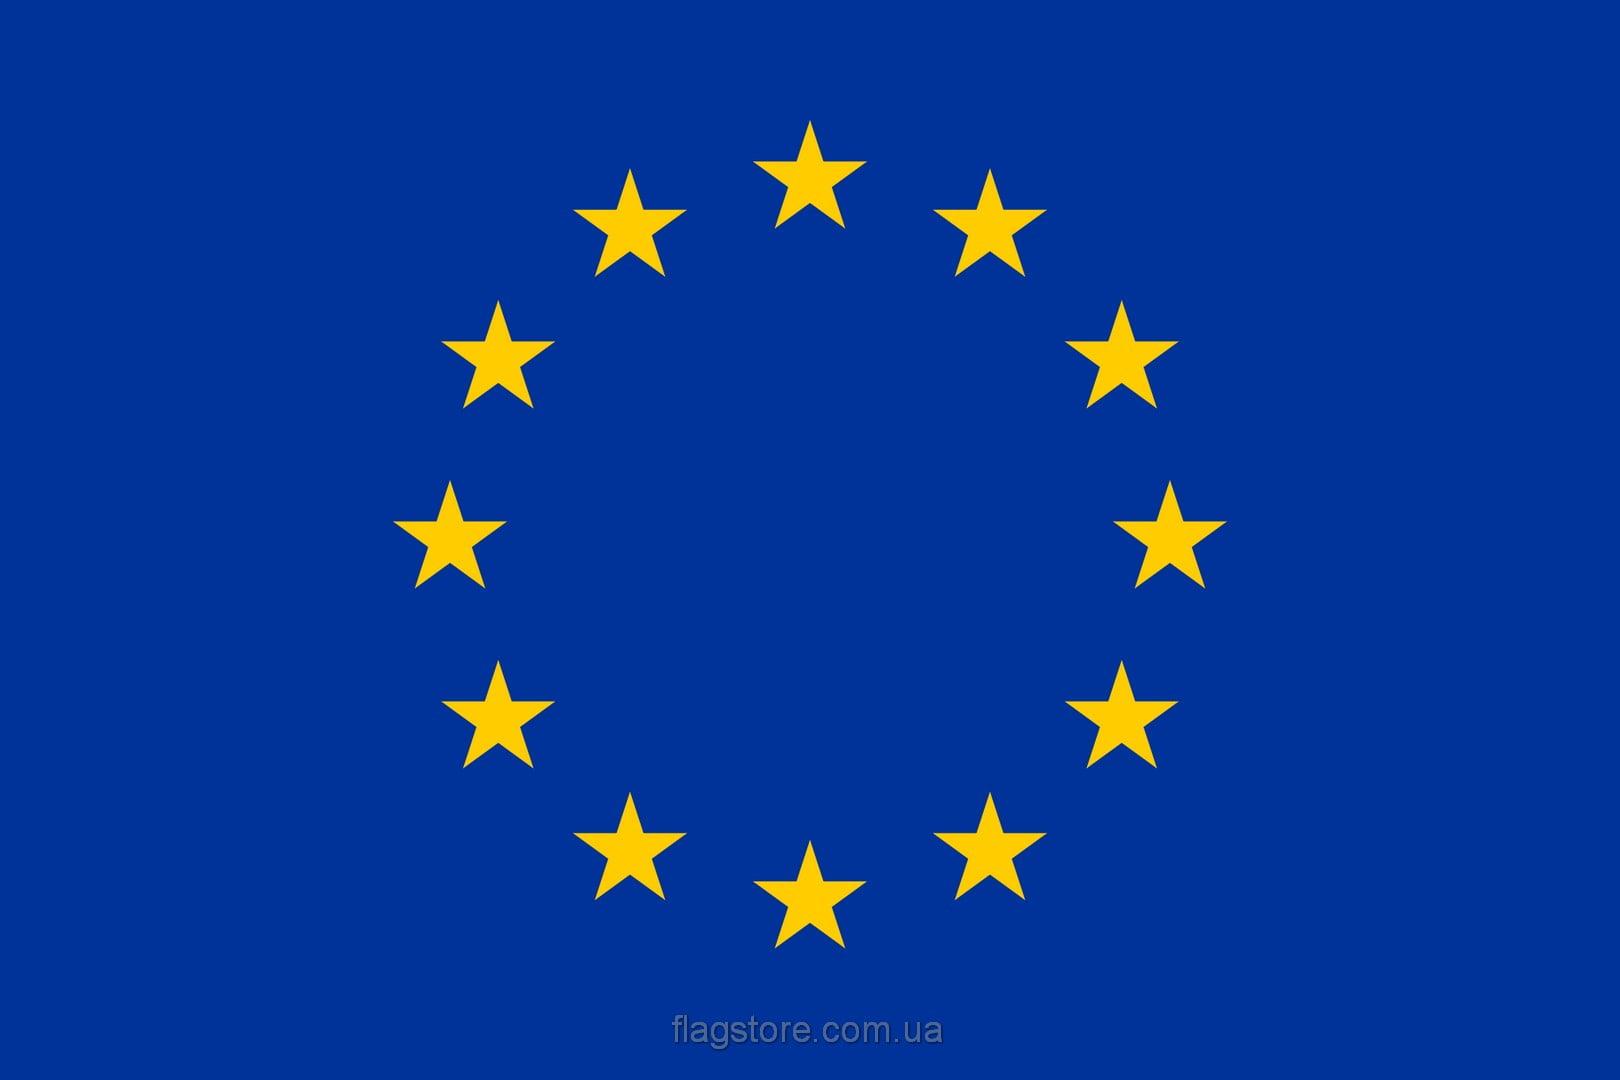 Купить флаг Европейского союза (ЕС)